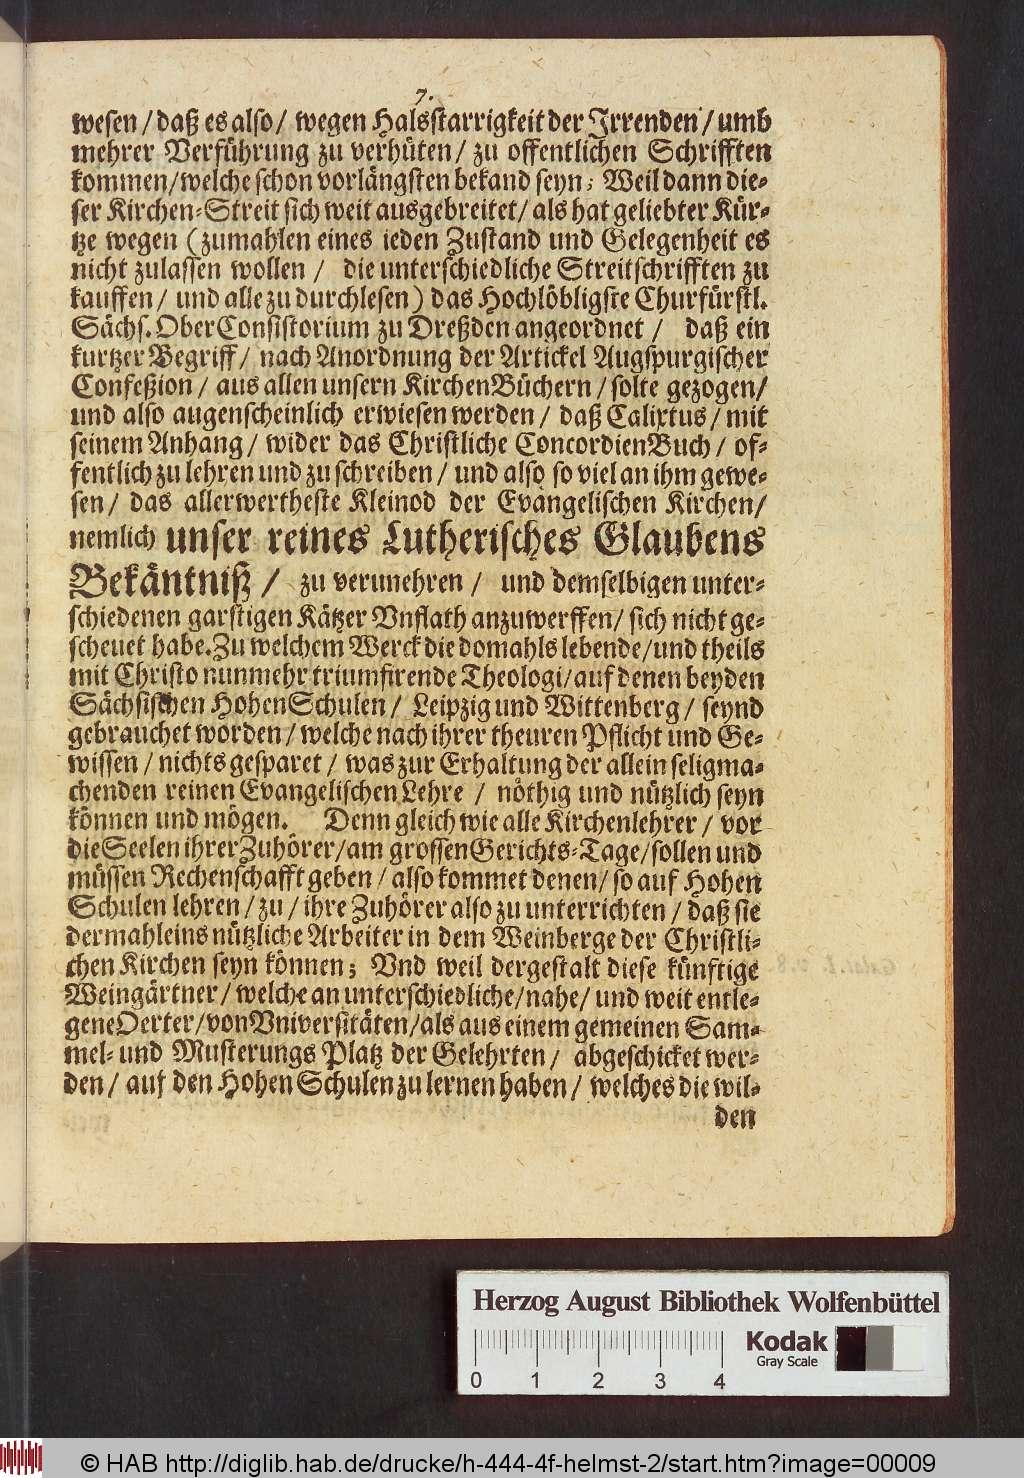 http://diglib.hab.de/drucke/h-444-4f-helmst-2/00009.jpg